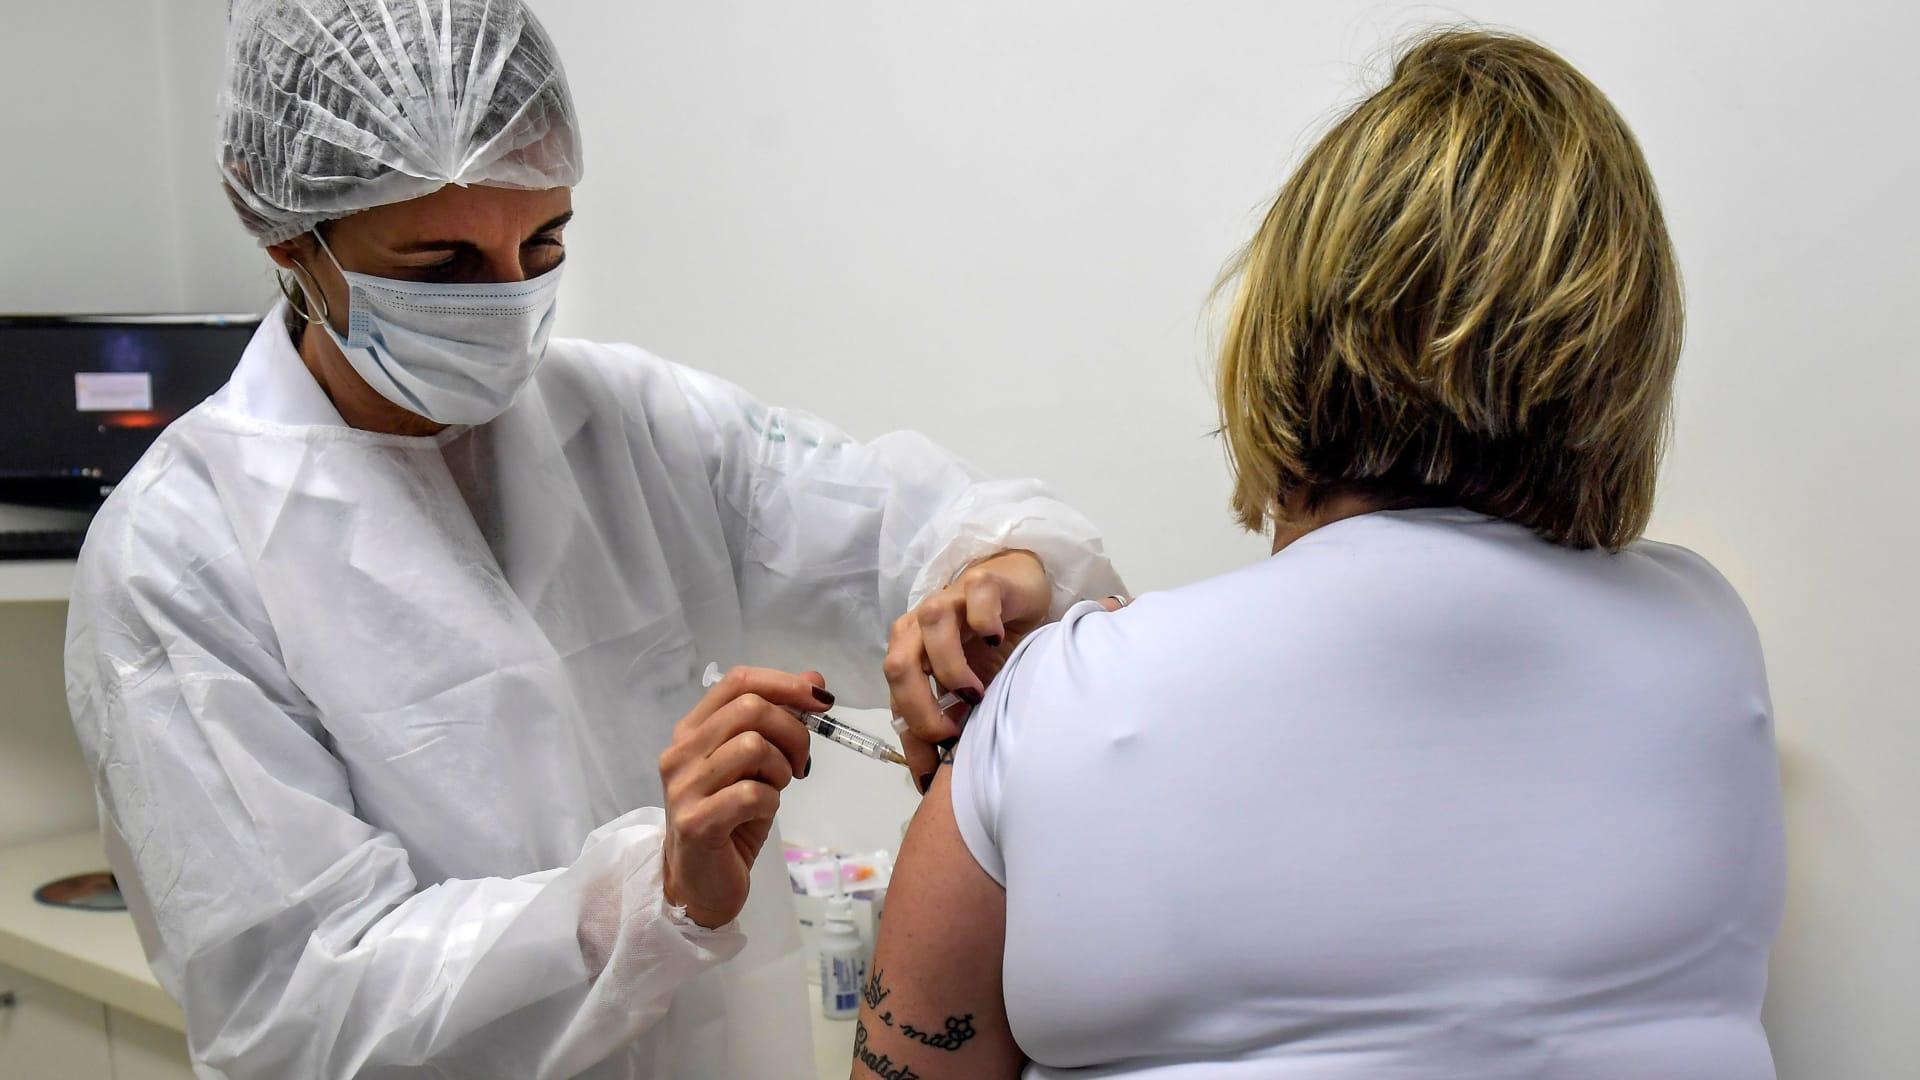 بعد روسيا.. الصين تمنح براءة اختراع للقاح كورونا جديد